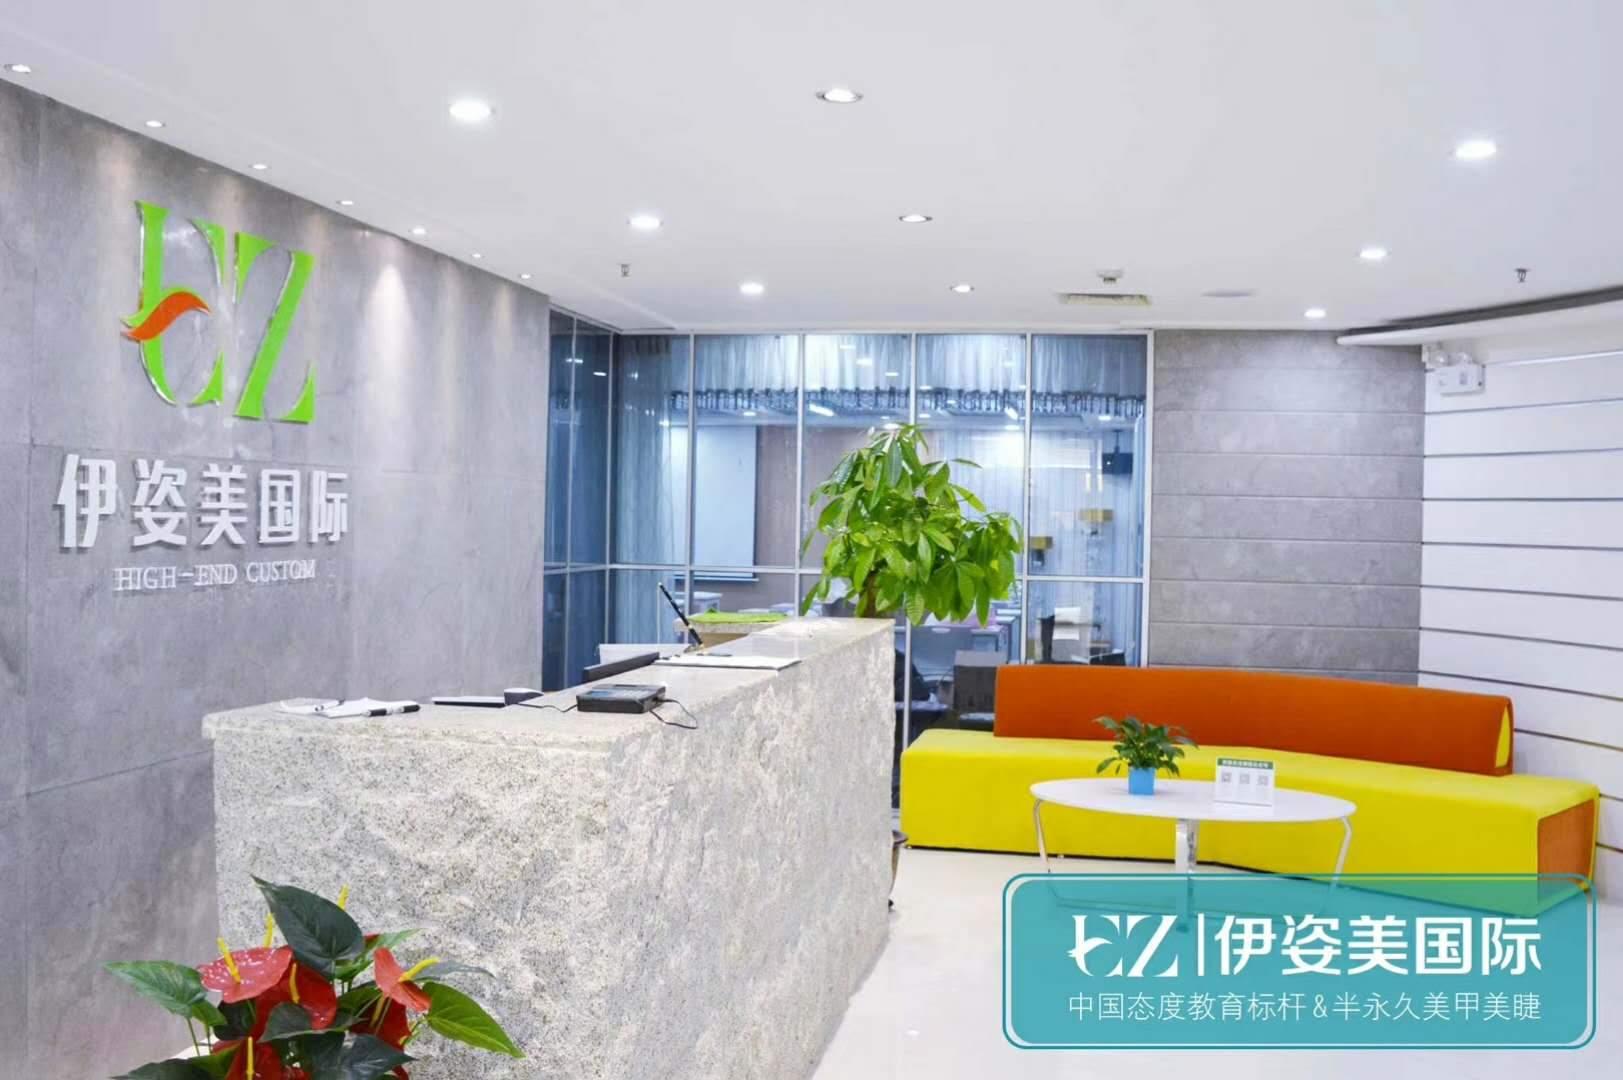 广州伊姿美职业技能培训